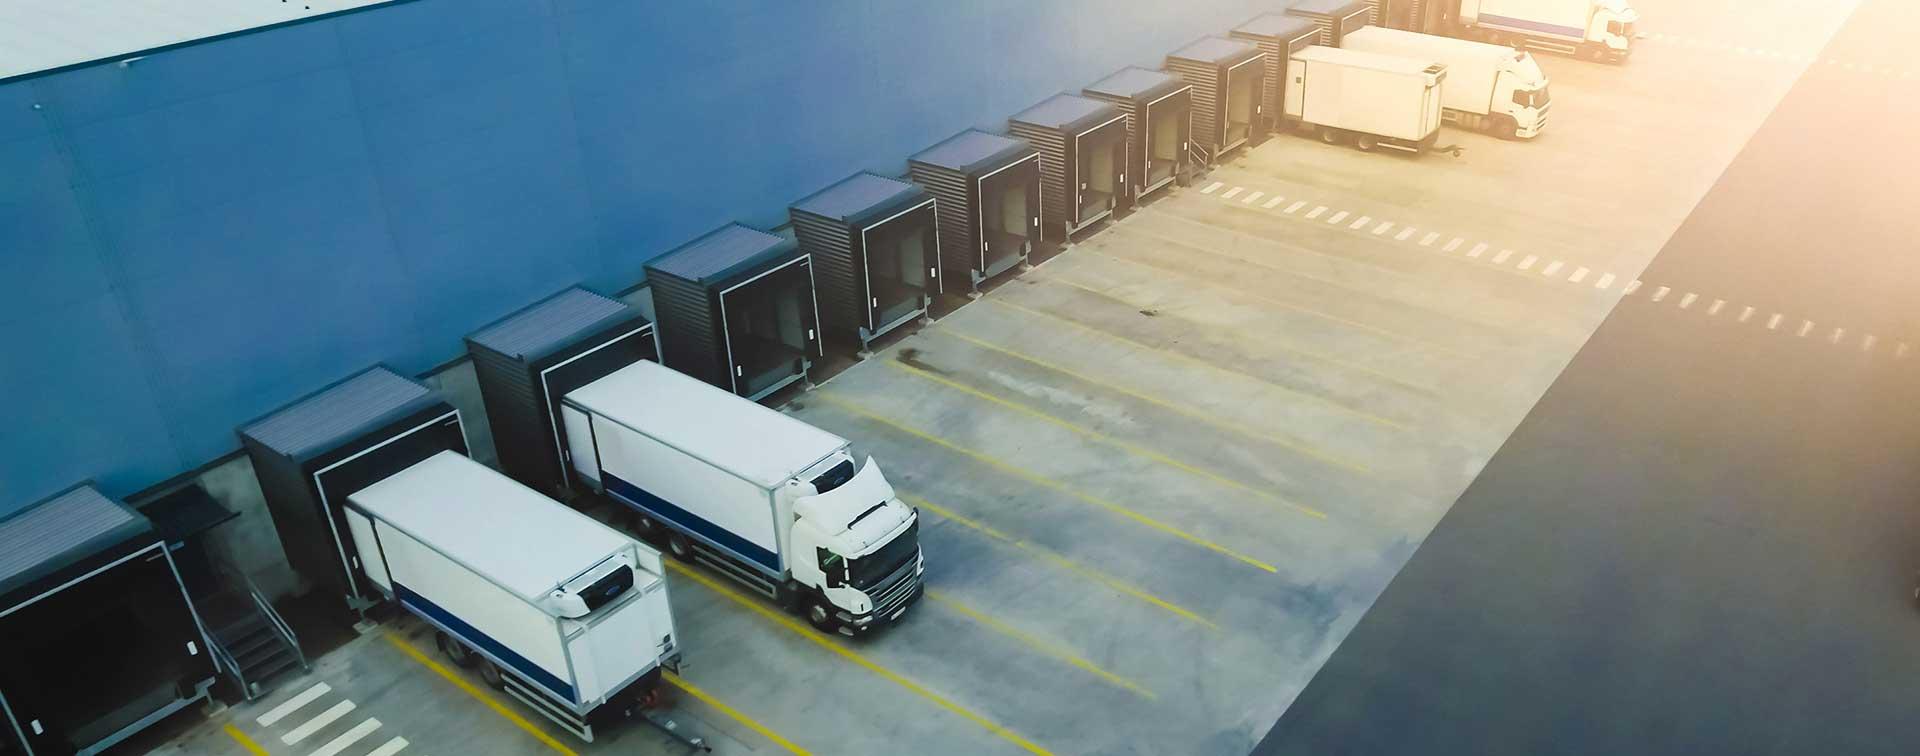 Logistik bedeutet